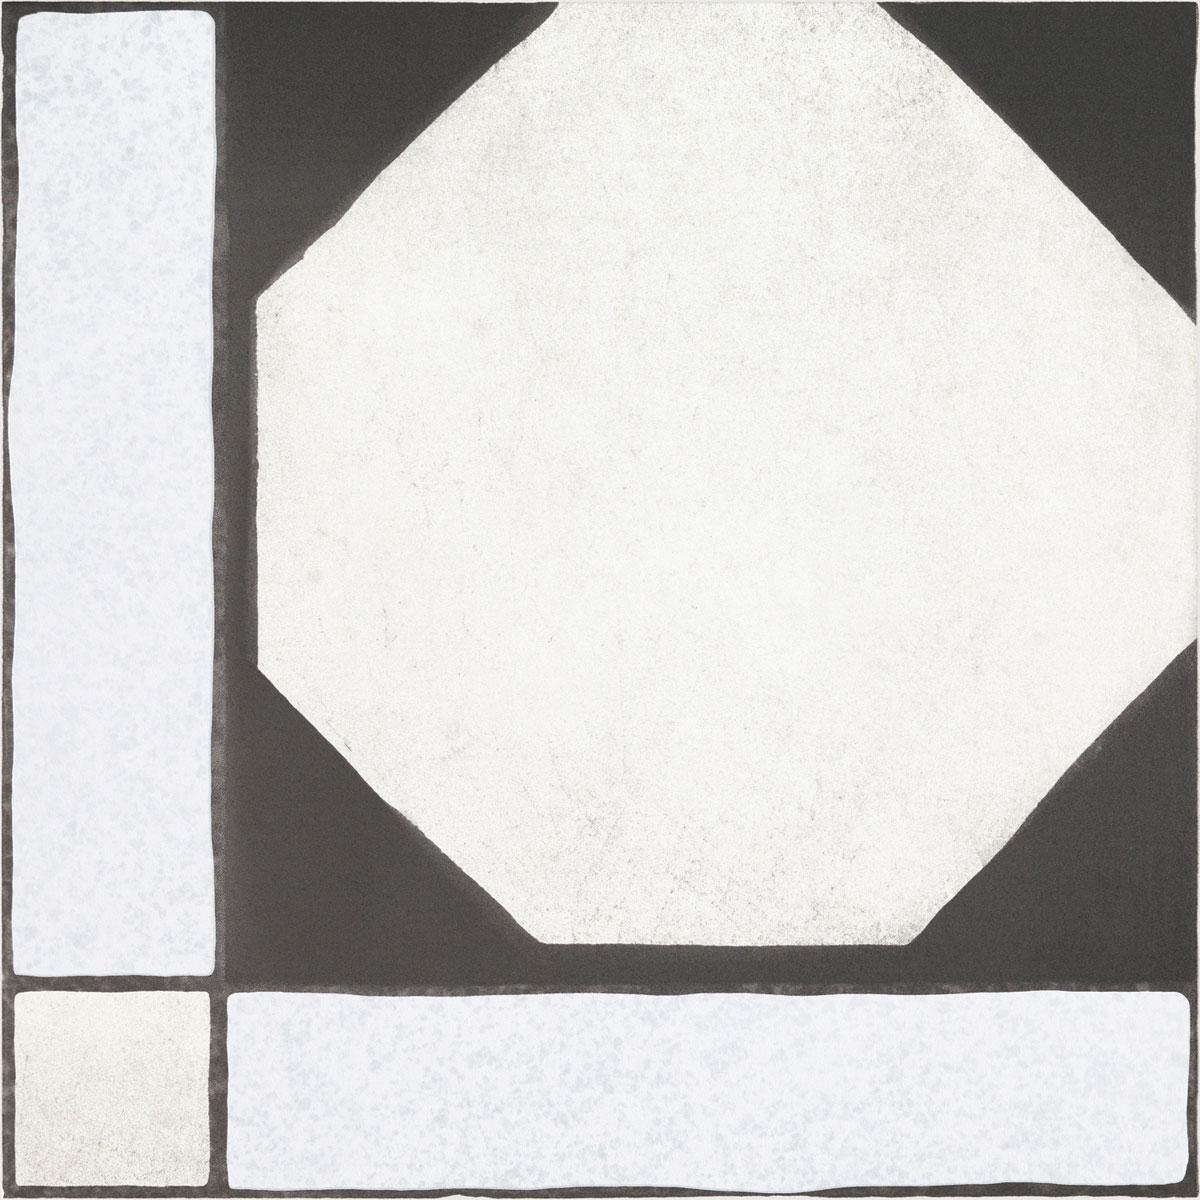 Signorino: Black and White Angelica